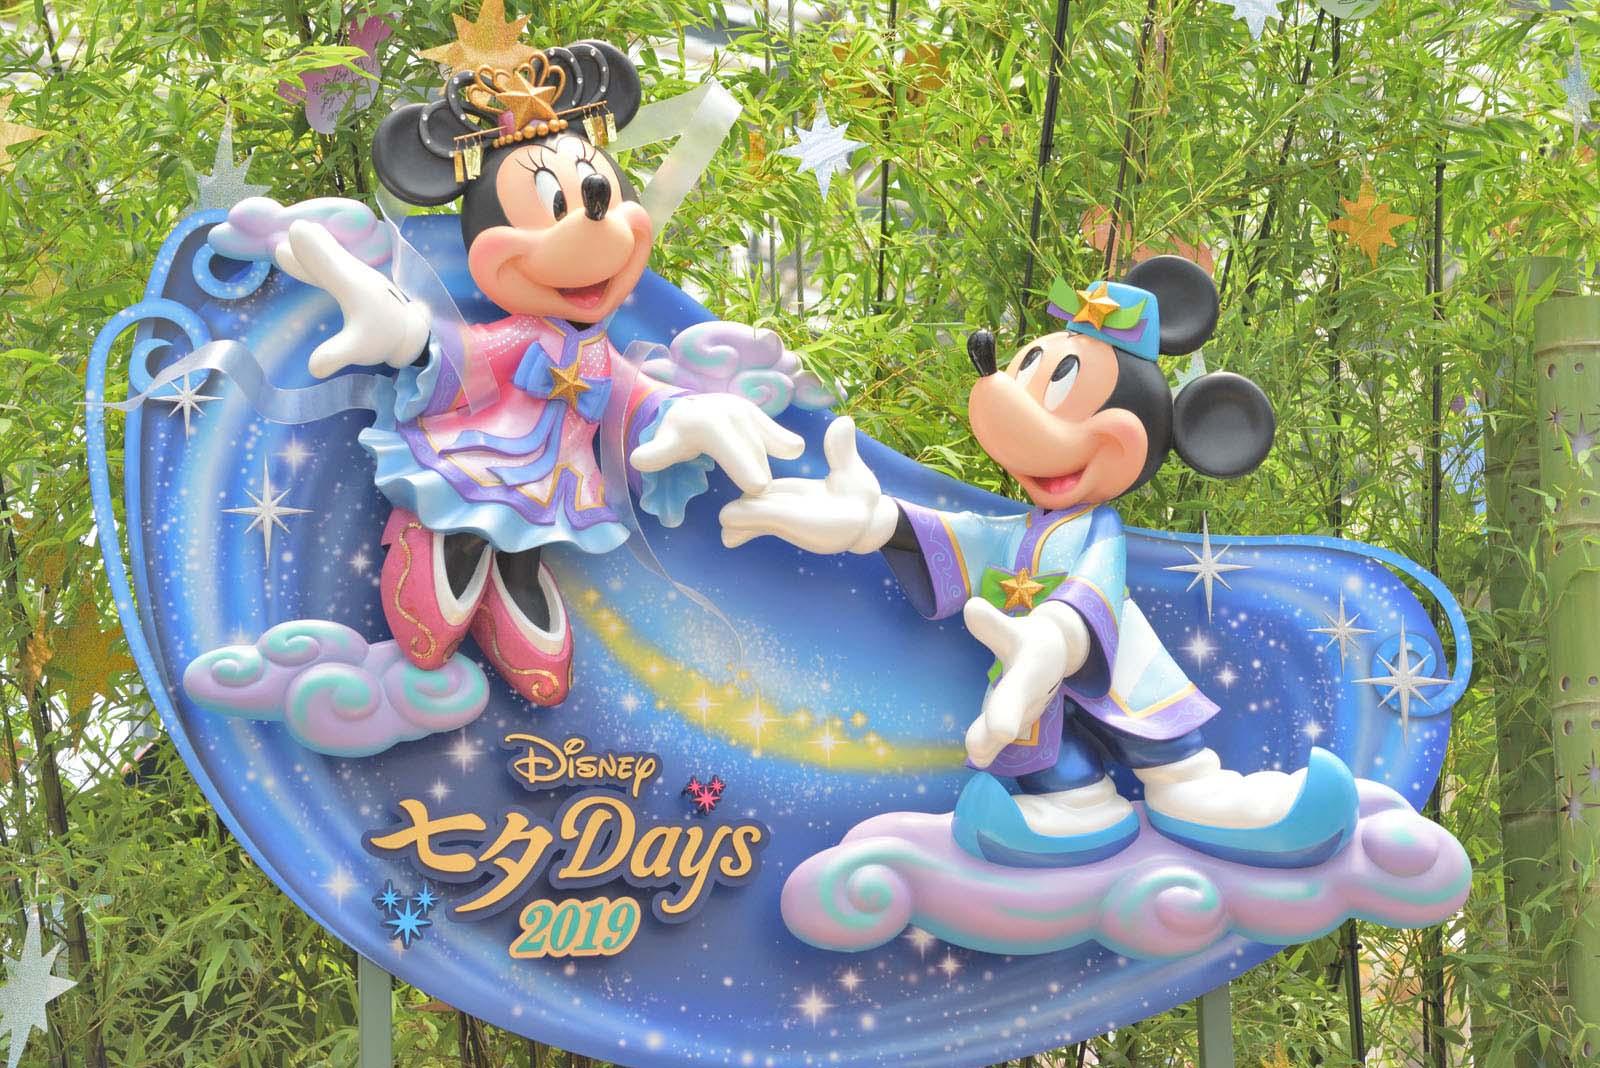 東京ディズニーランド ディズニー七夕デイズ2019 ウィッシングプレイス